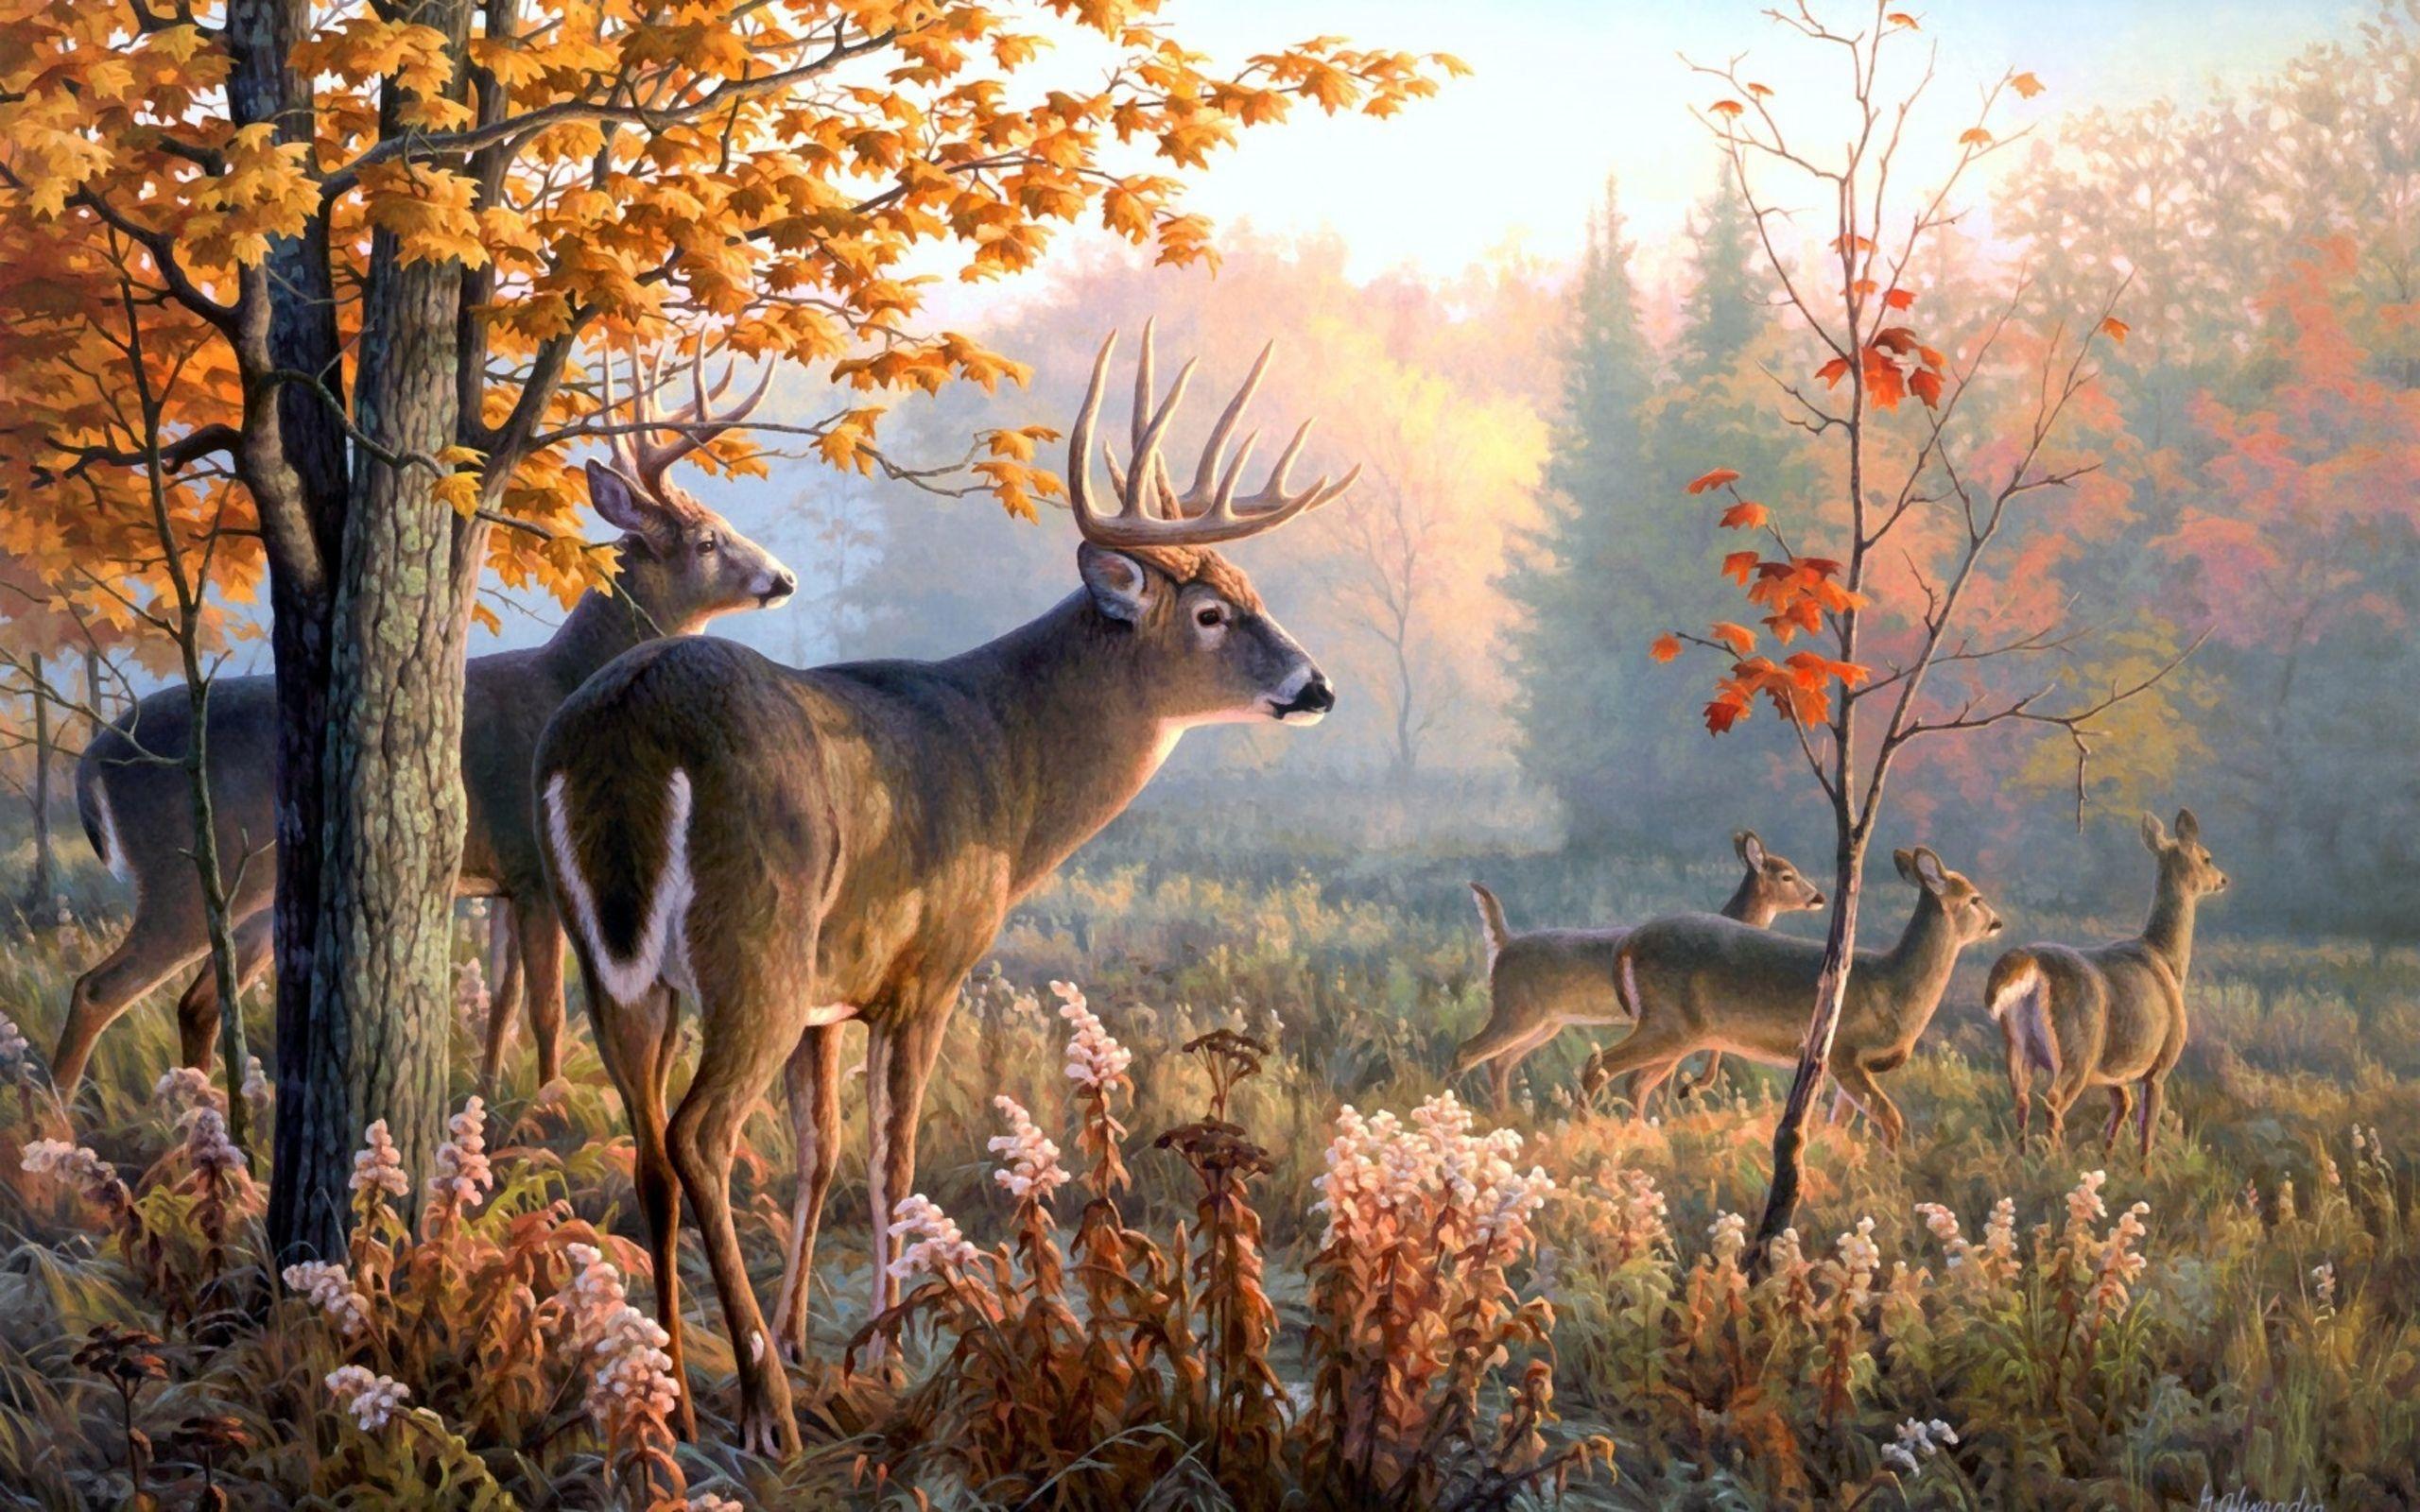 Deer Desktop Wallpapers   Top Deer Desktop Backgrounds 2560x1600